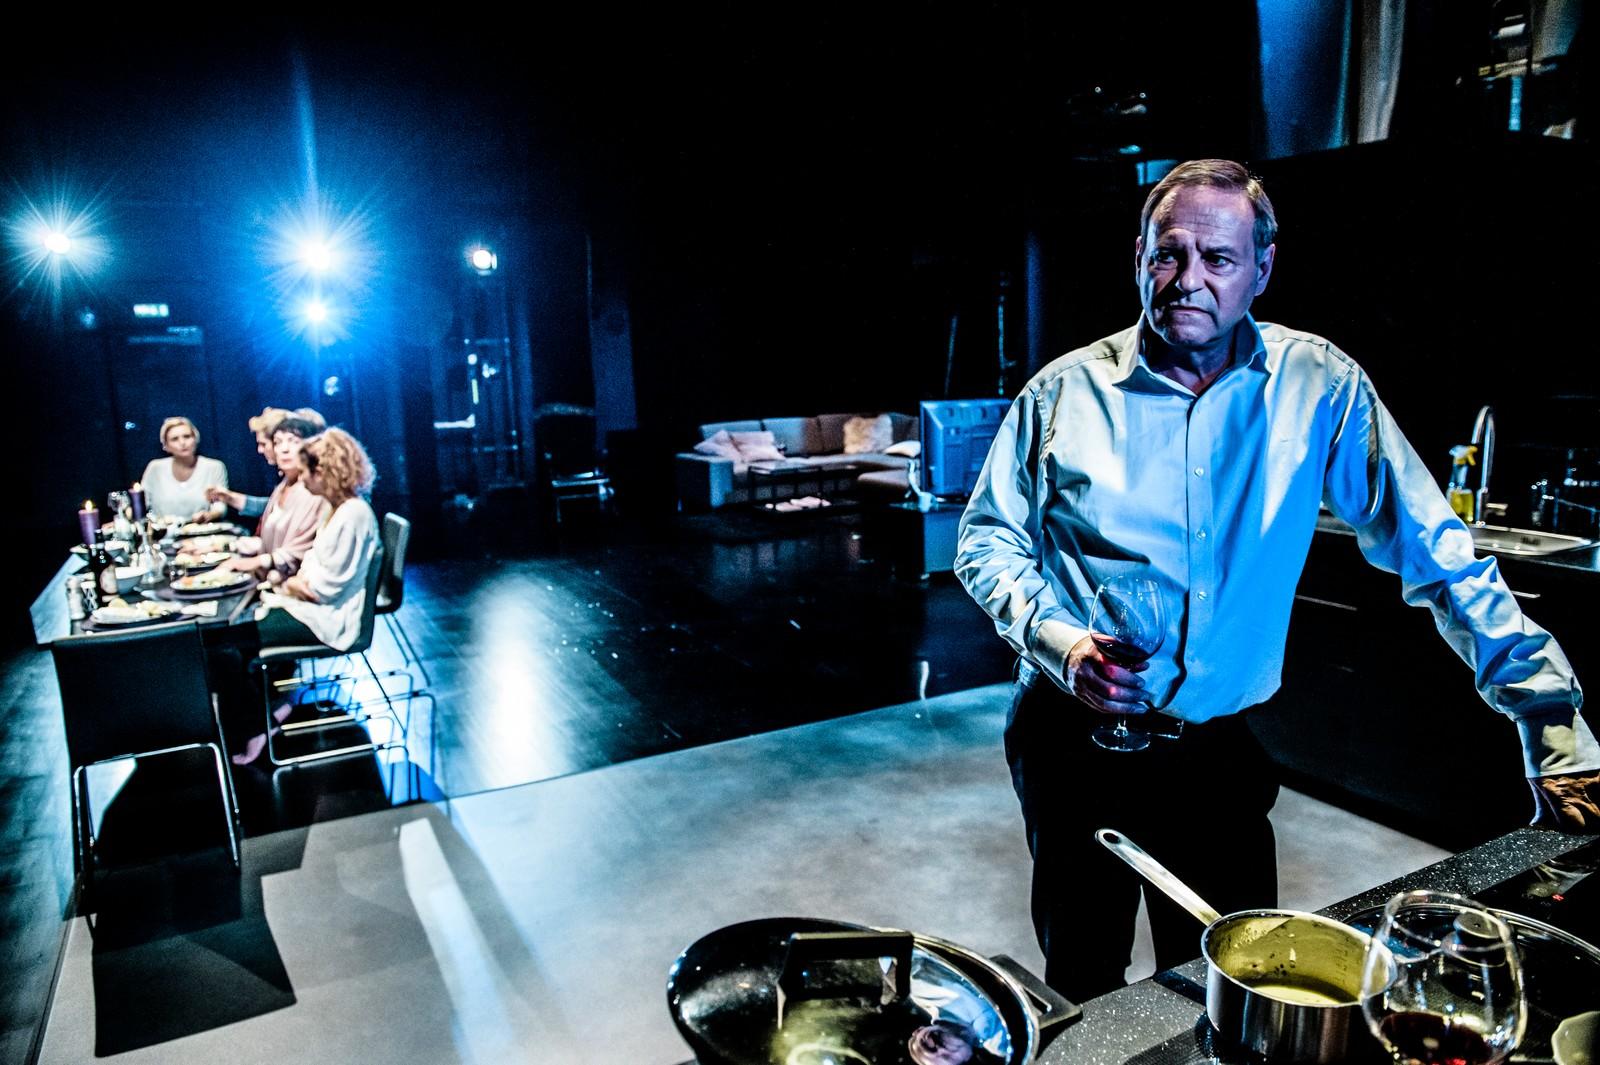 OVERSALTET: Svein Tindberg som Arnljot, faren til Ingvild (Ulrikke Hansen Døvigen), oppdrettsmillionæren som mislykkes med kveitemiddagen.